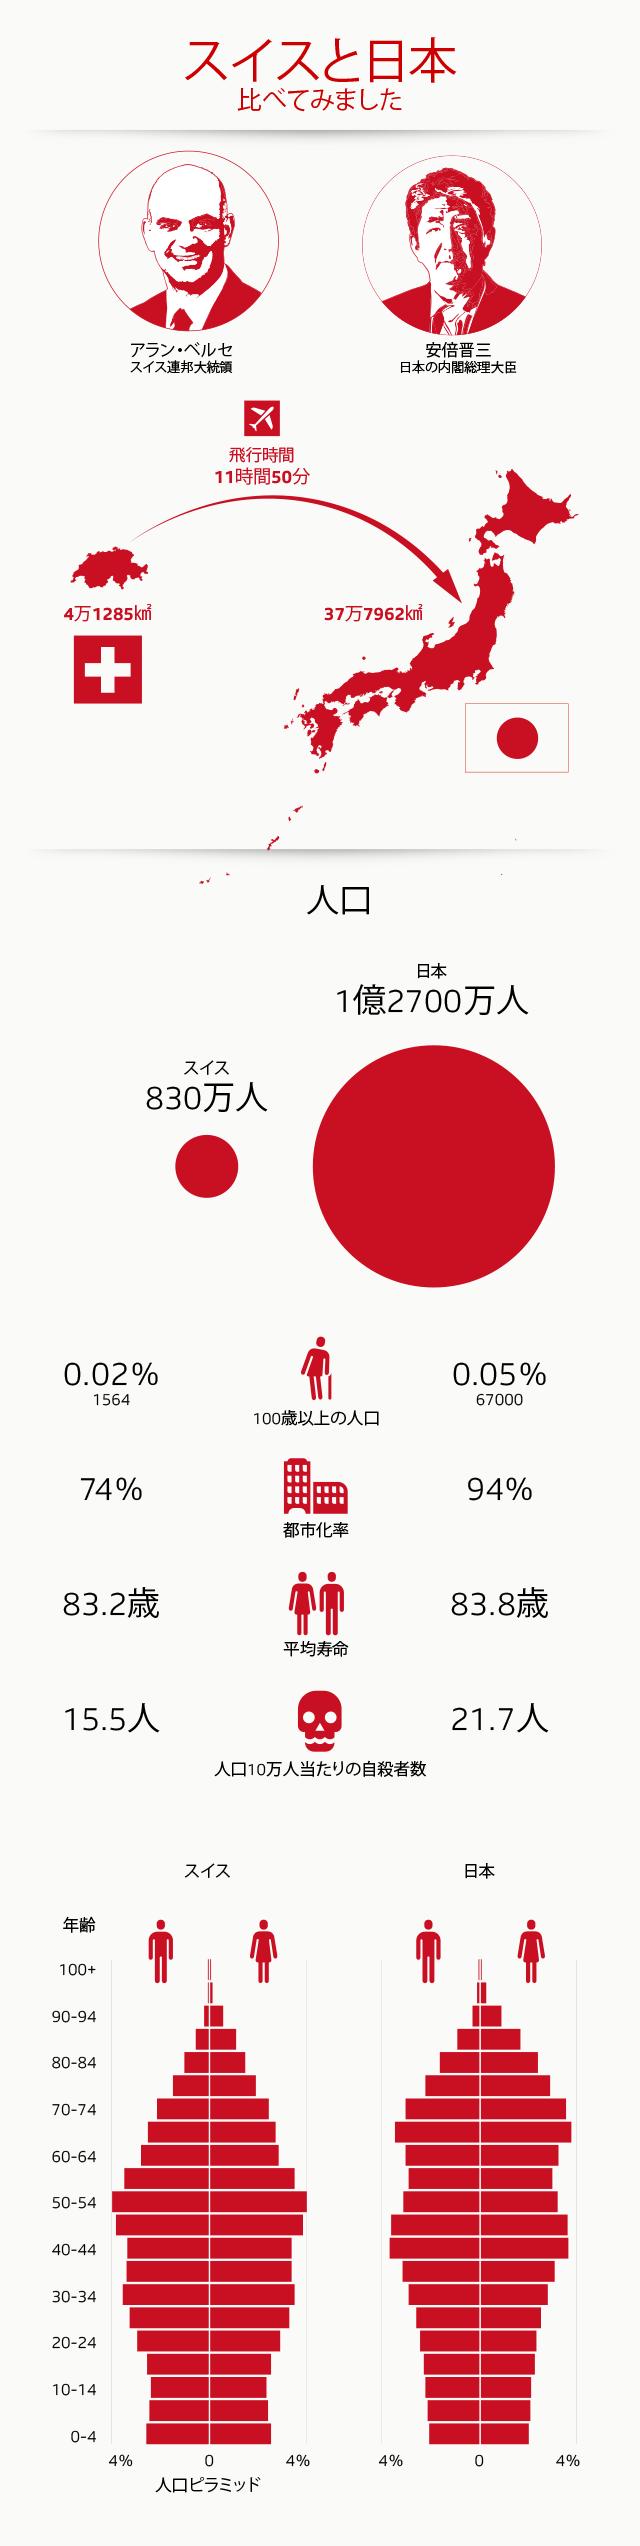 日本は相撲、ではスイスの国技は?2カ国をオモシロ比較 - SWI ...